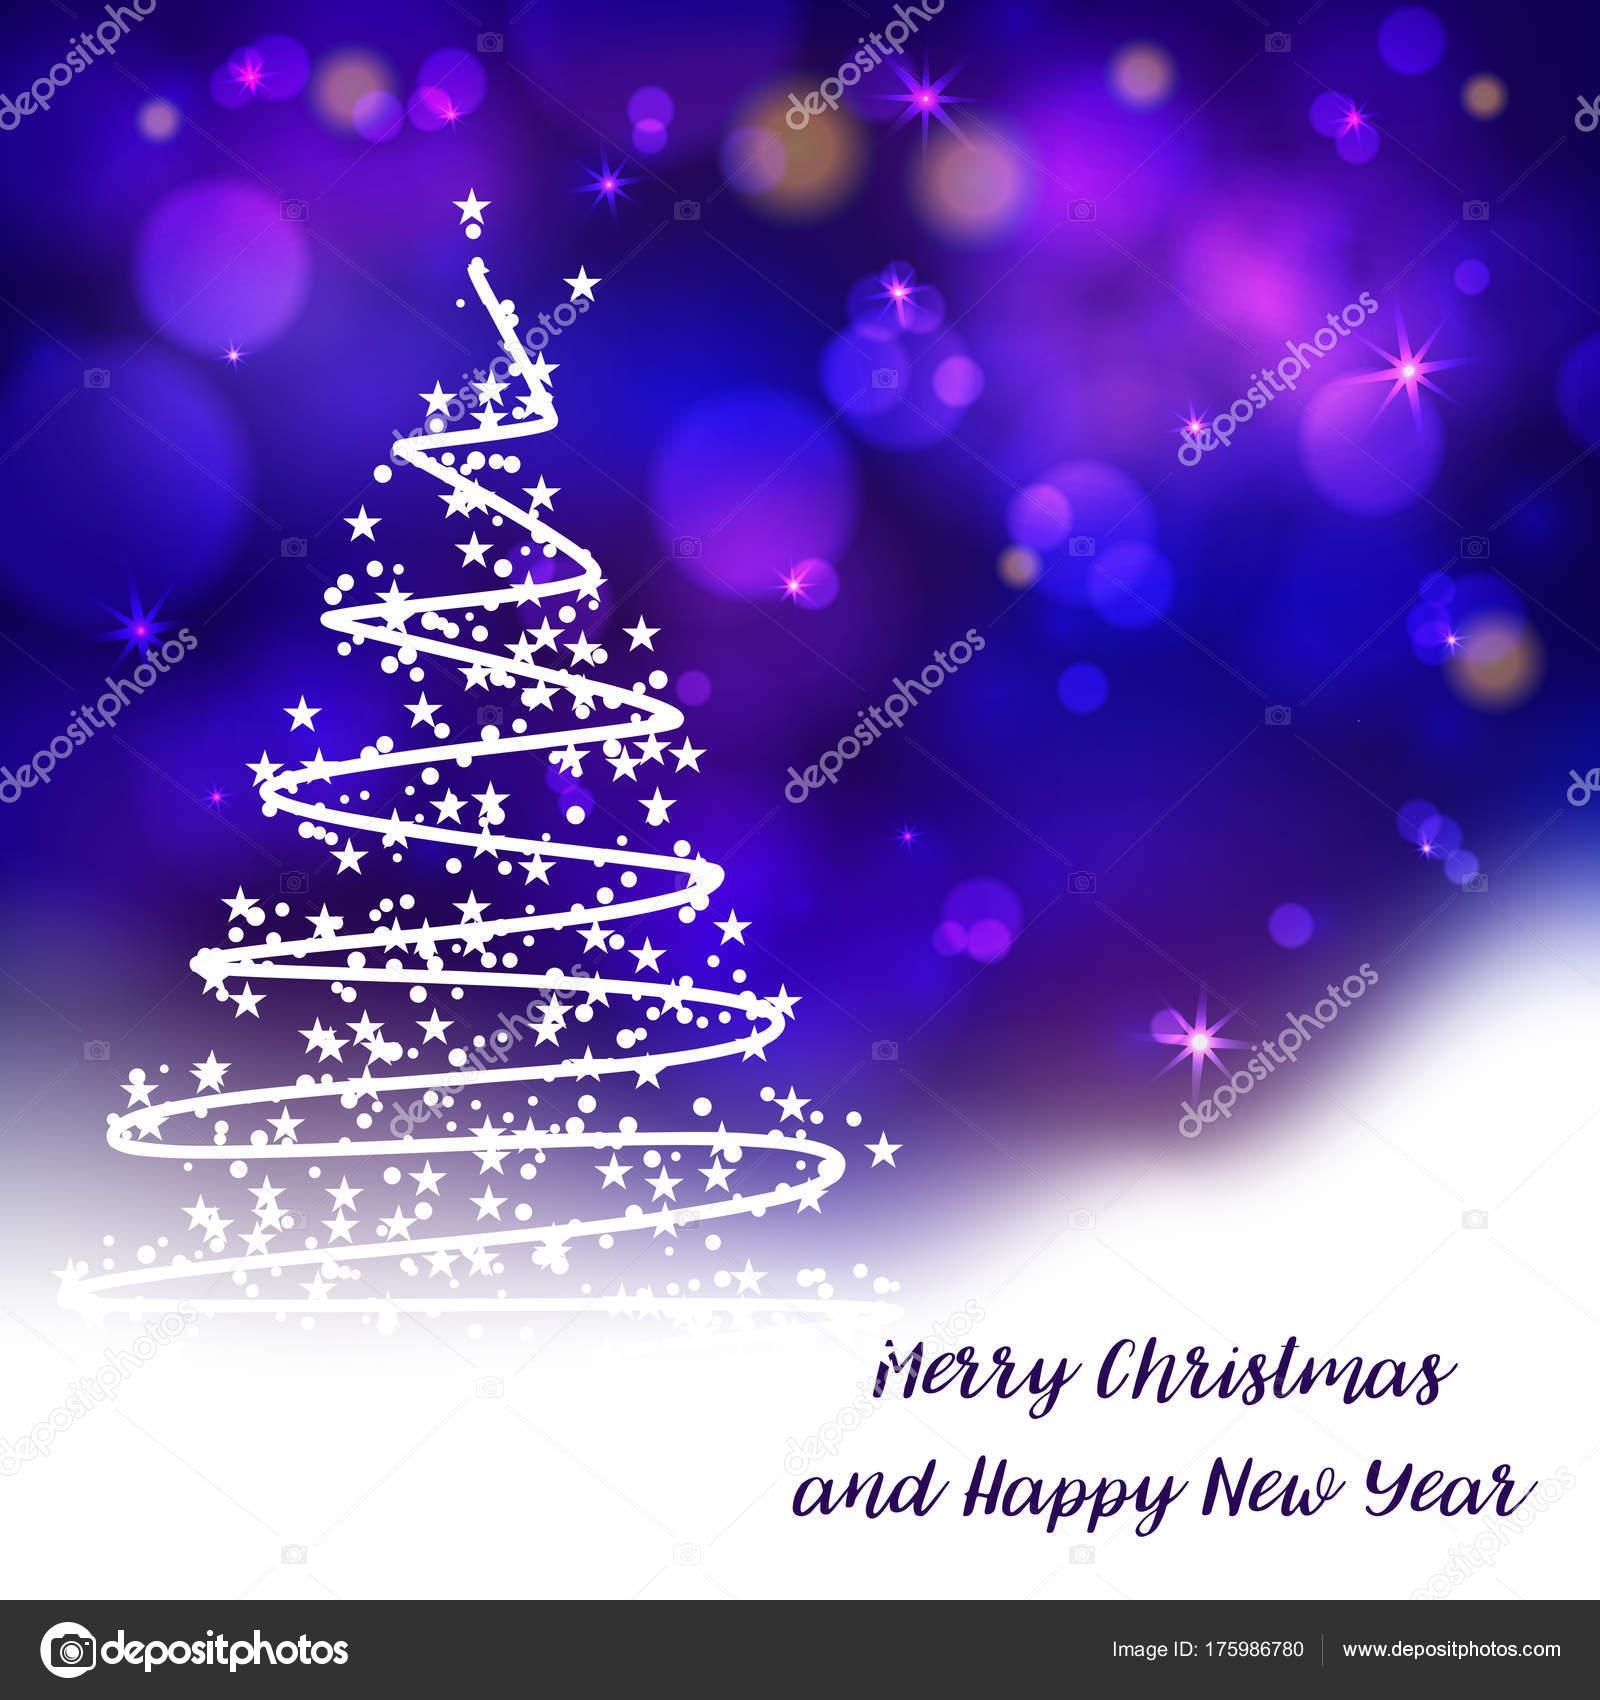 Presentaciones Feliz Navidad.Vector Arbol Navidad Estilizado Fondo Bokeh Decorativo Feliz